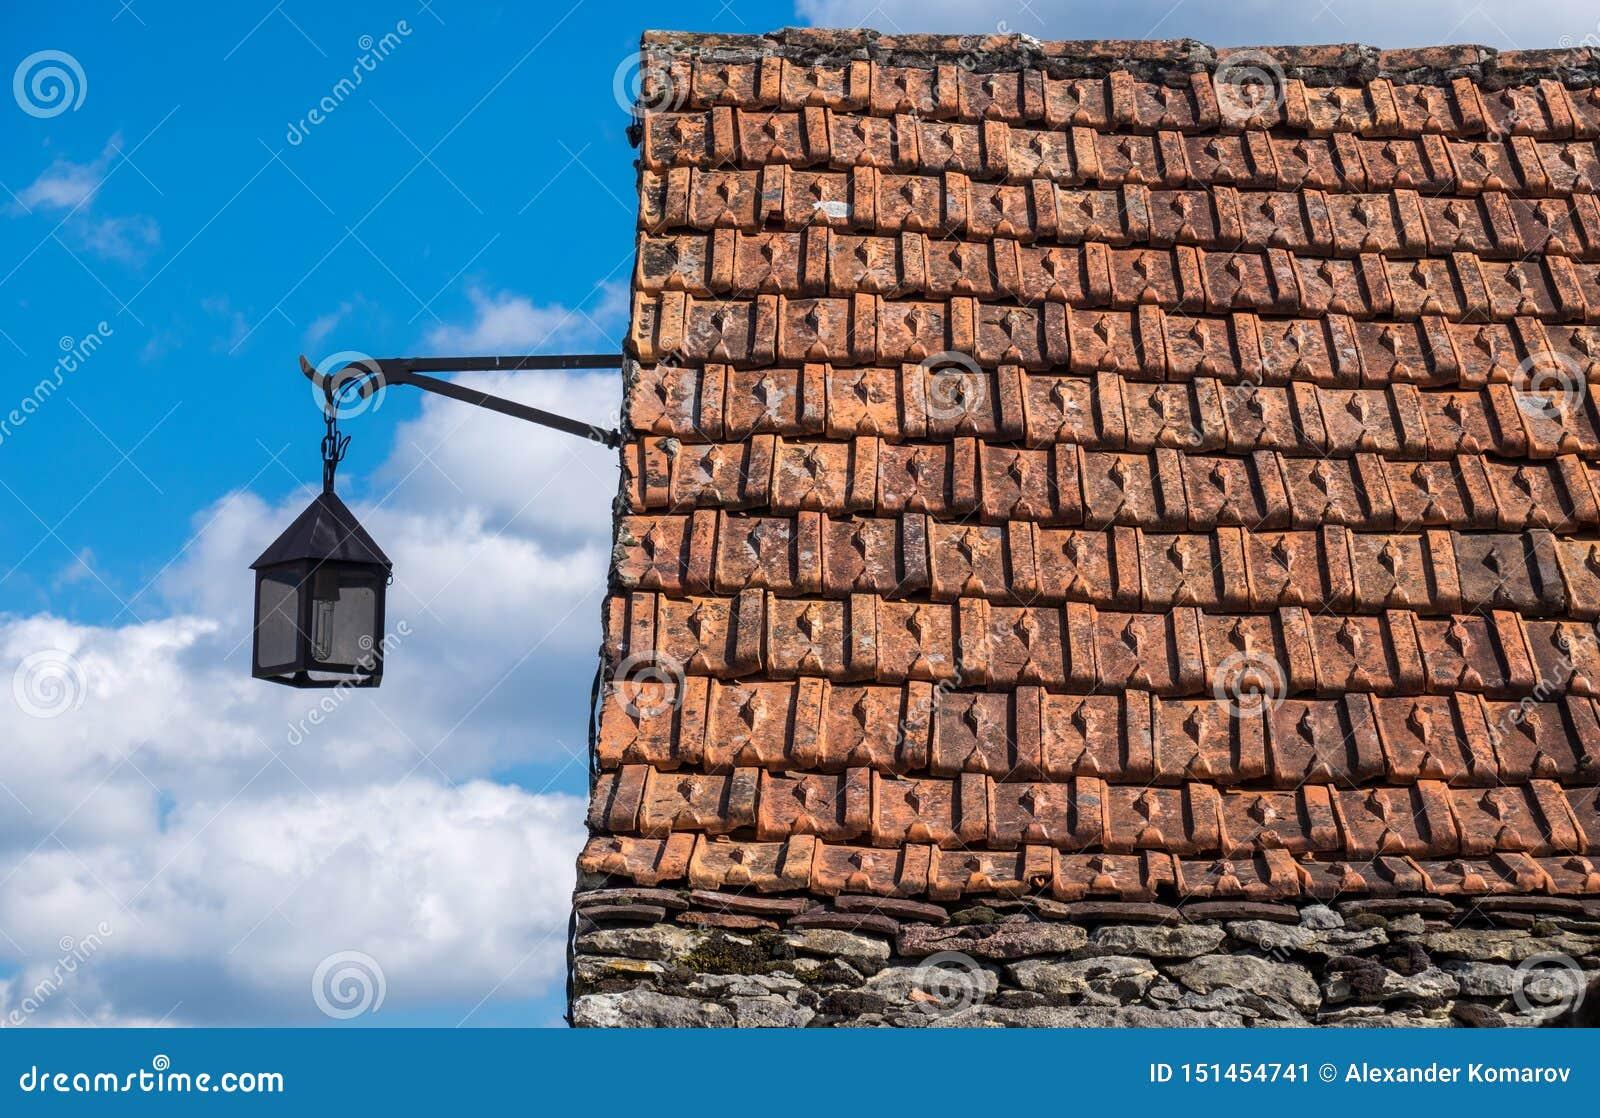 Mit Ziegeln gedecktes Dach einer alten Steinscheune und der Laterne